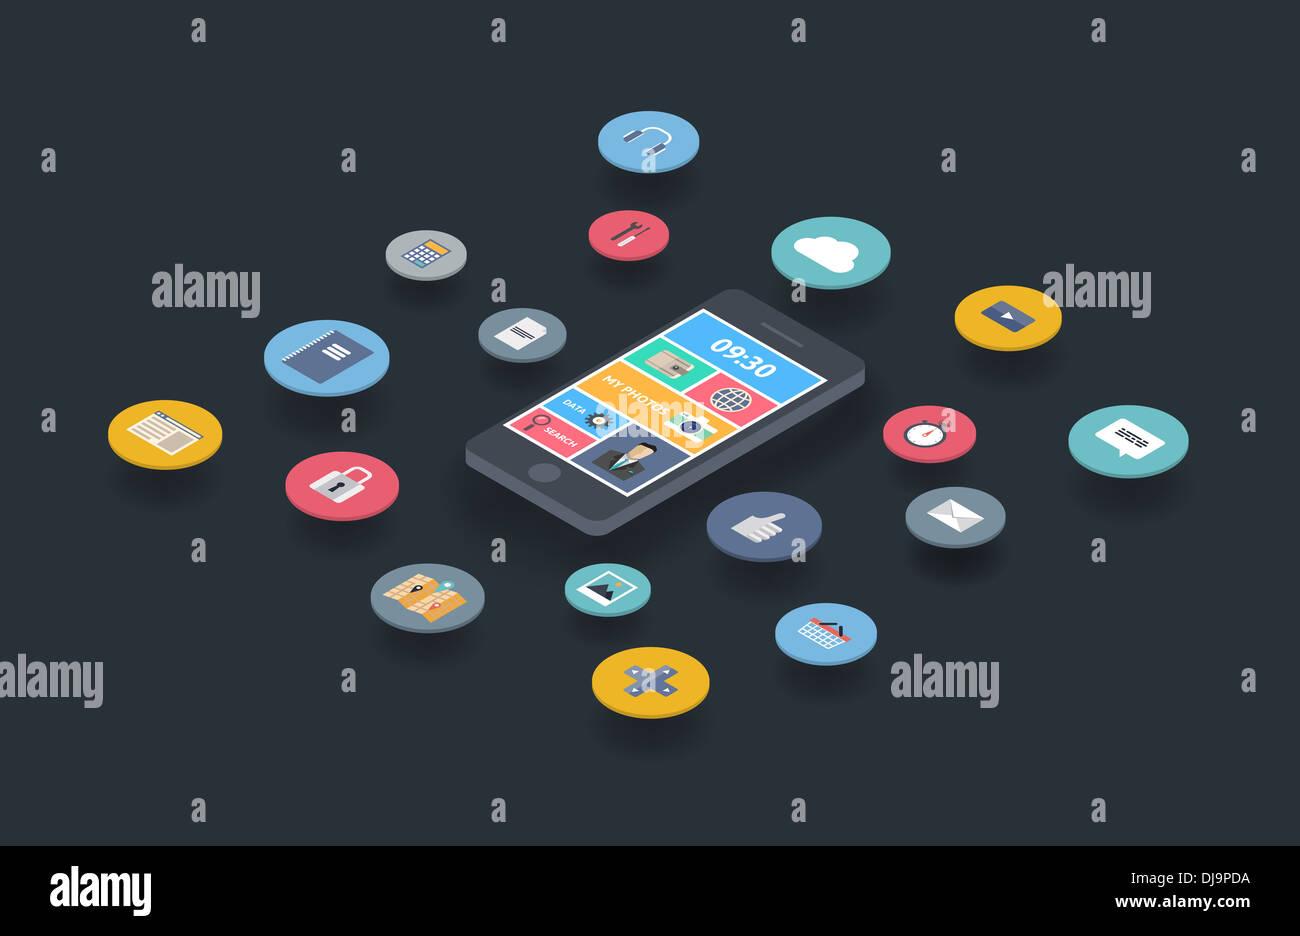 Illustration notion de variété à l'aide du smartphone avec beaucoup d'Icônes multimédia et élégante interface utilisateur mobile sur le téléphone Photo Stock